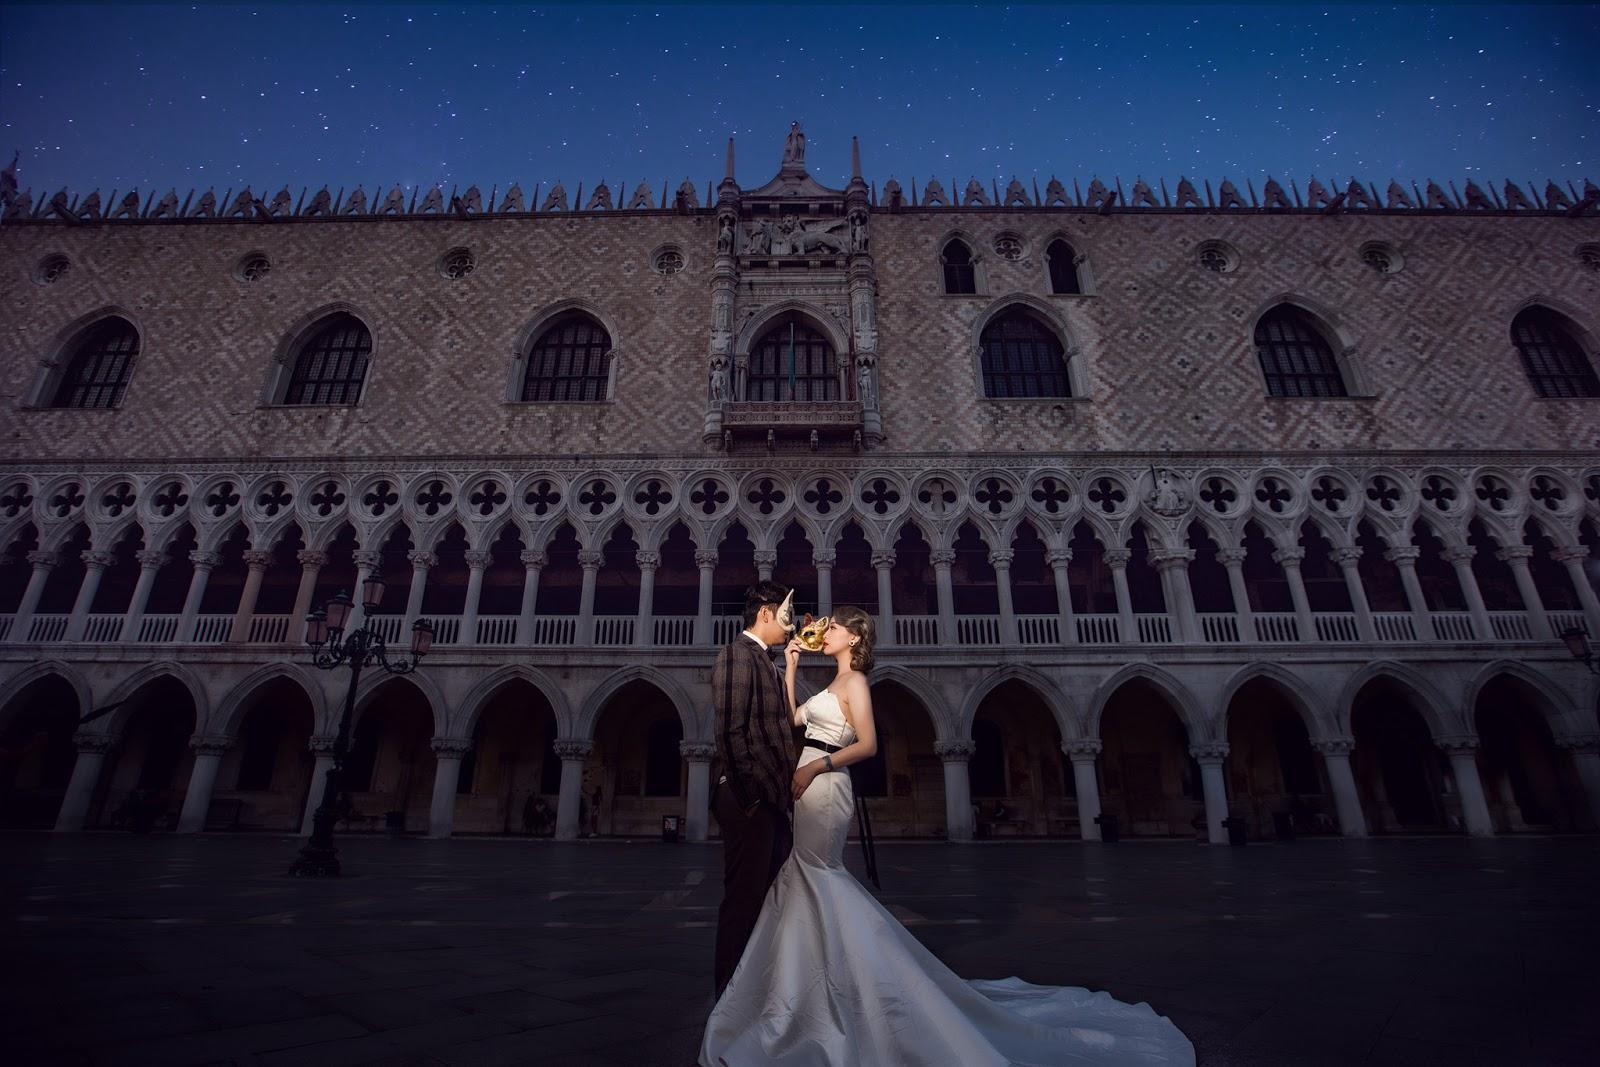 威尼斯婚紗,水上之都的威尼斯非常美,我們真心推海外婚紗推薦,在布拉格PRAGUE拍婚紗,我們會帶您到私密拍攝景點,威尼斯婚紗必拍景點,威尼斯婚紗,義大利婚紗,台北租禮服推薦,我們還去拍了共多拉船,聖母院,嘆息橋,總督宮清晨,麥桿橋,聖馬可廣場,彩虹島 義大利自助旅行